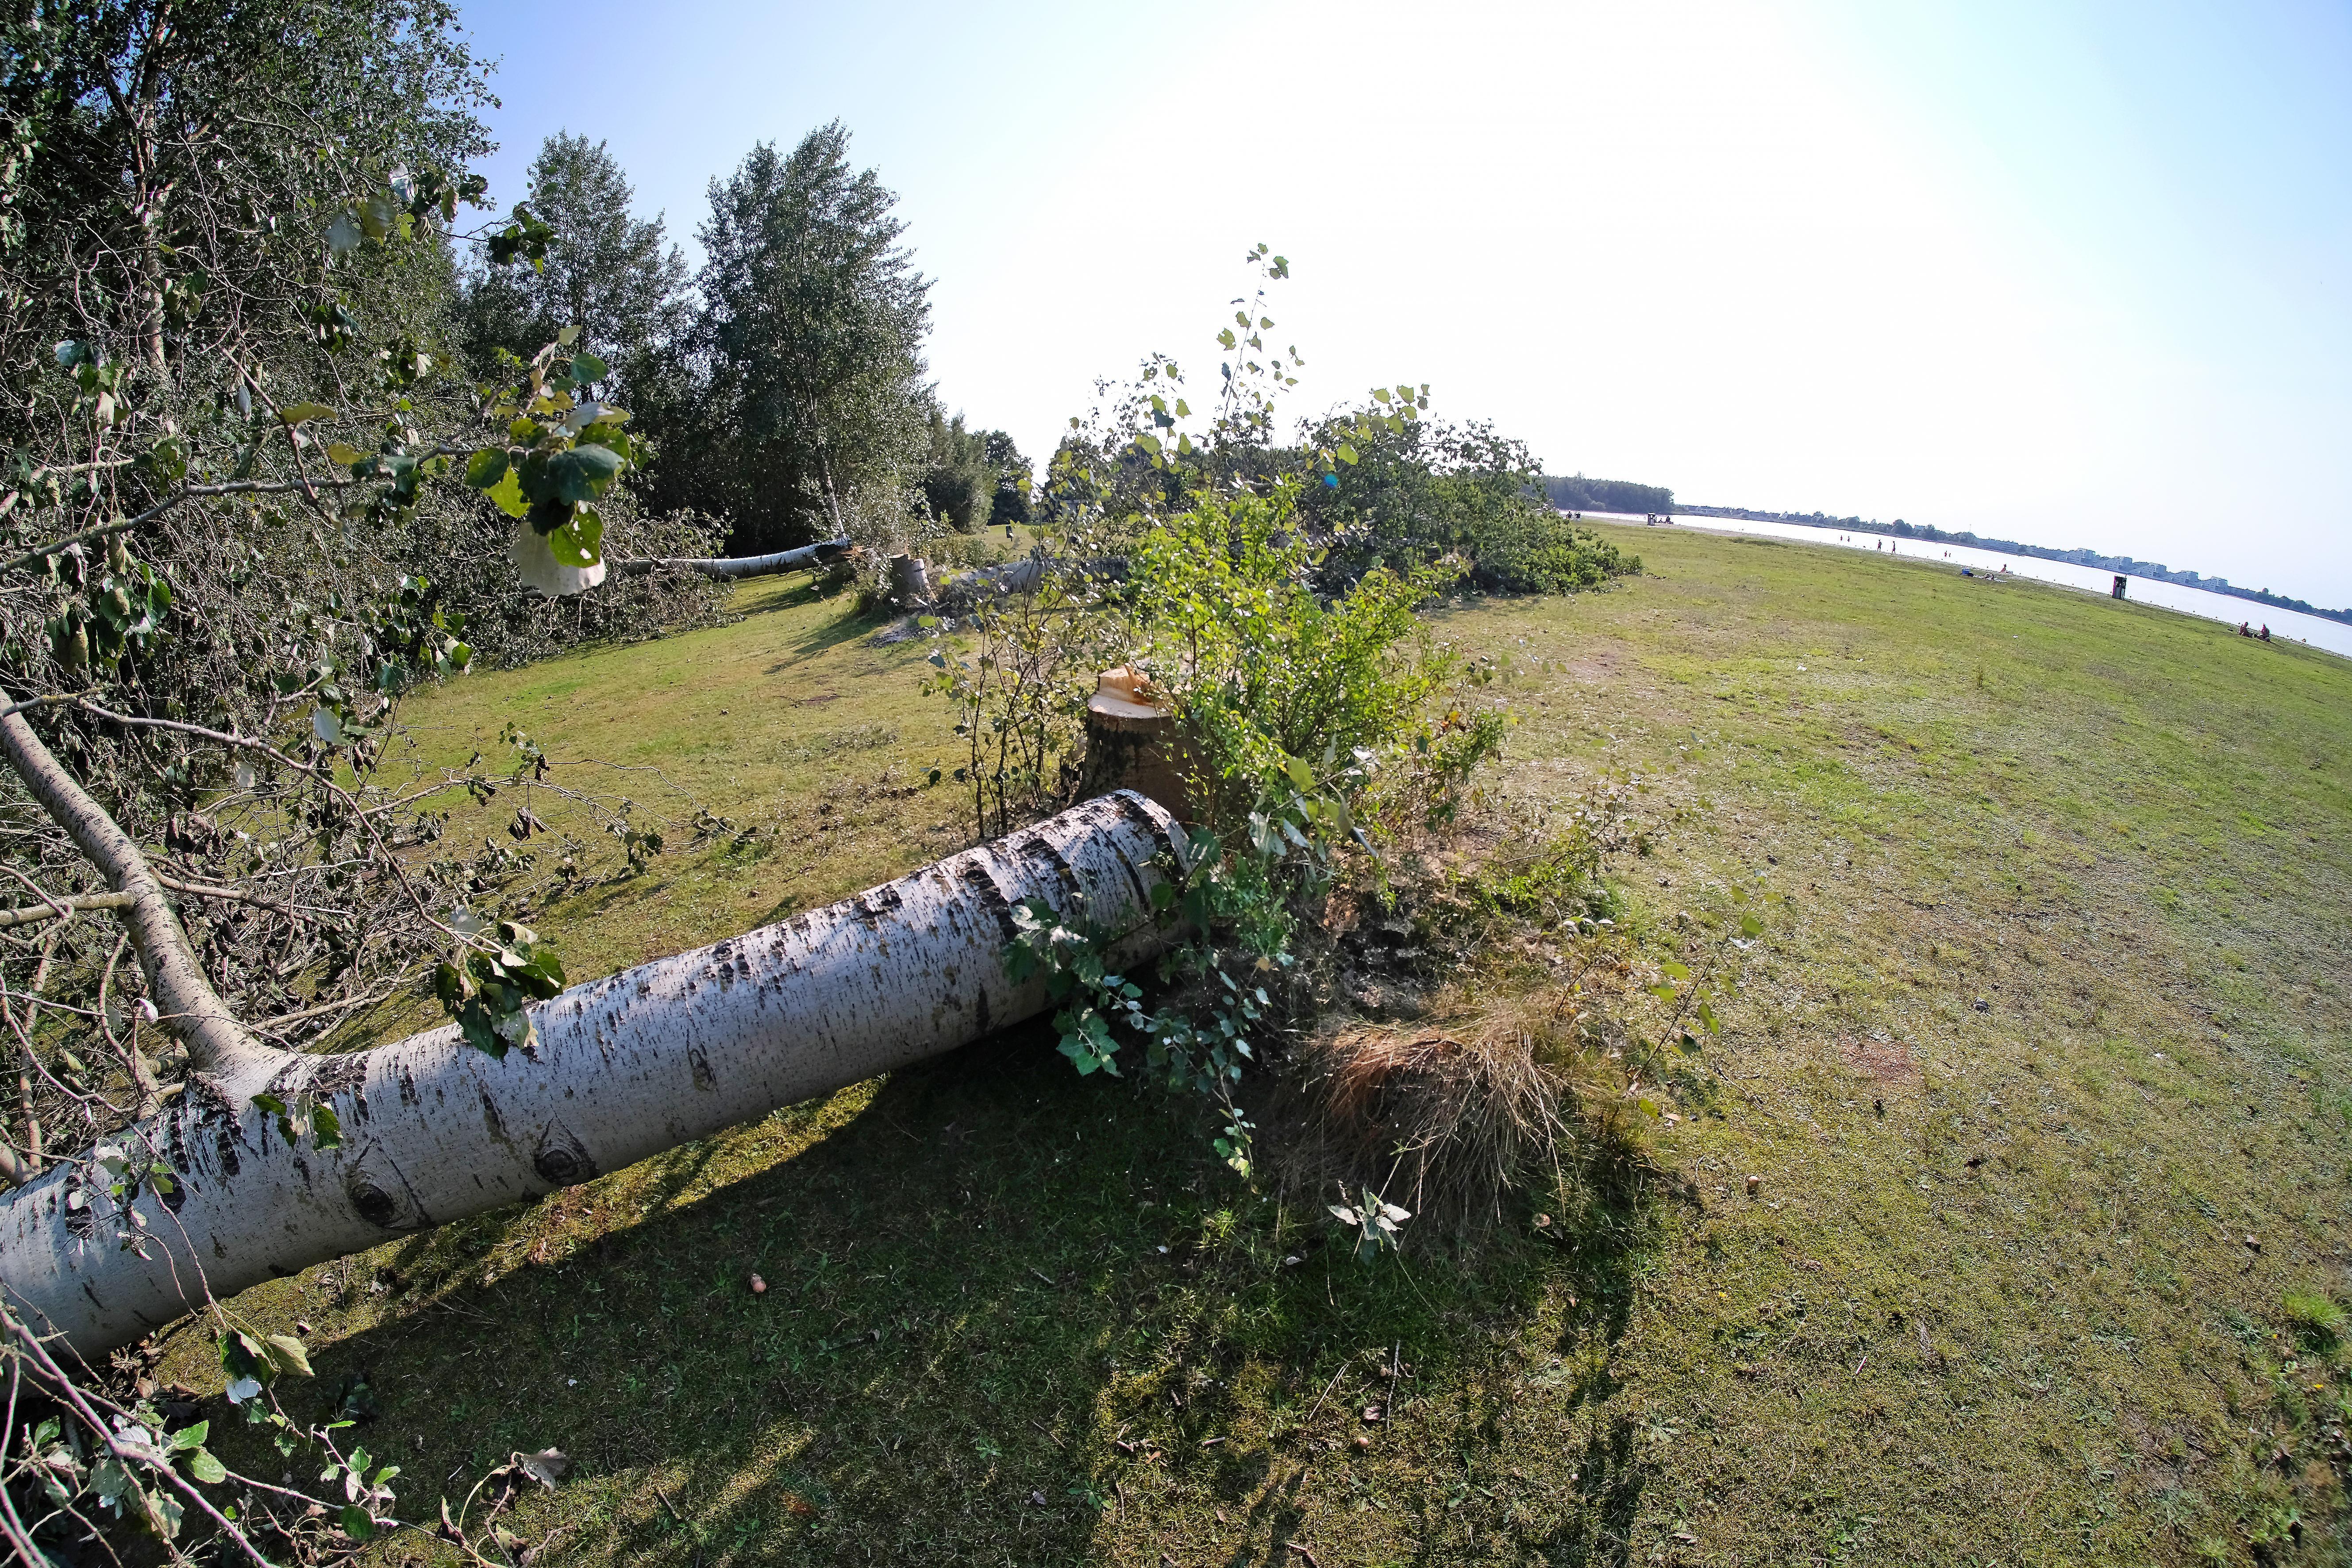 Motorzaagvandalen vellen vijf grote bomen langs strandje Blaricum. Ook houten paaltjes op parkeerterrein zijn koppie kleiner: Gemeente doet aangifte